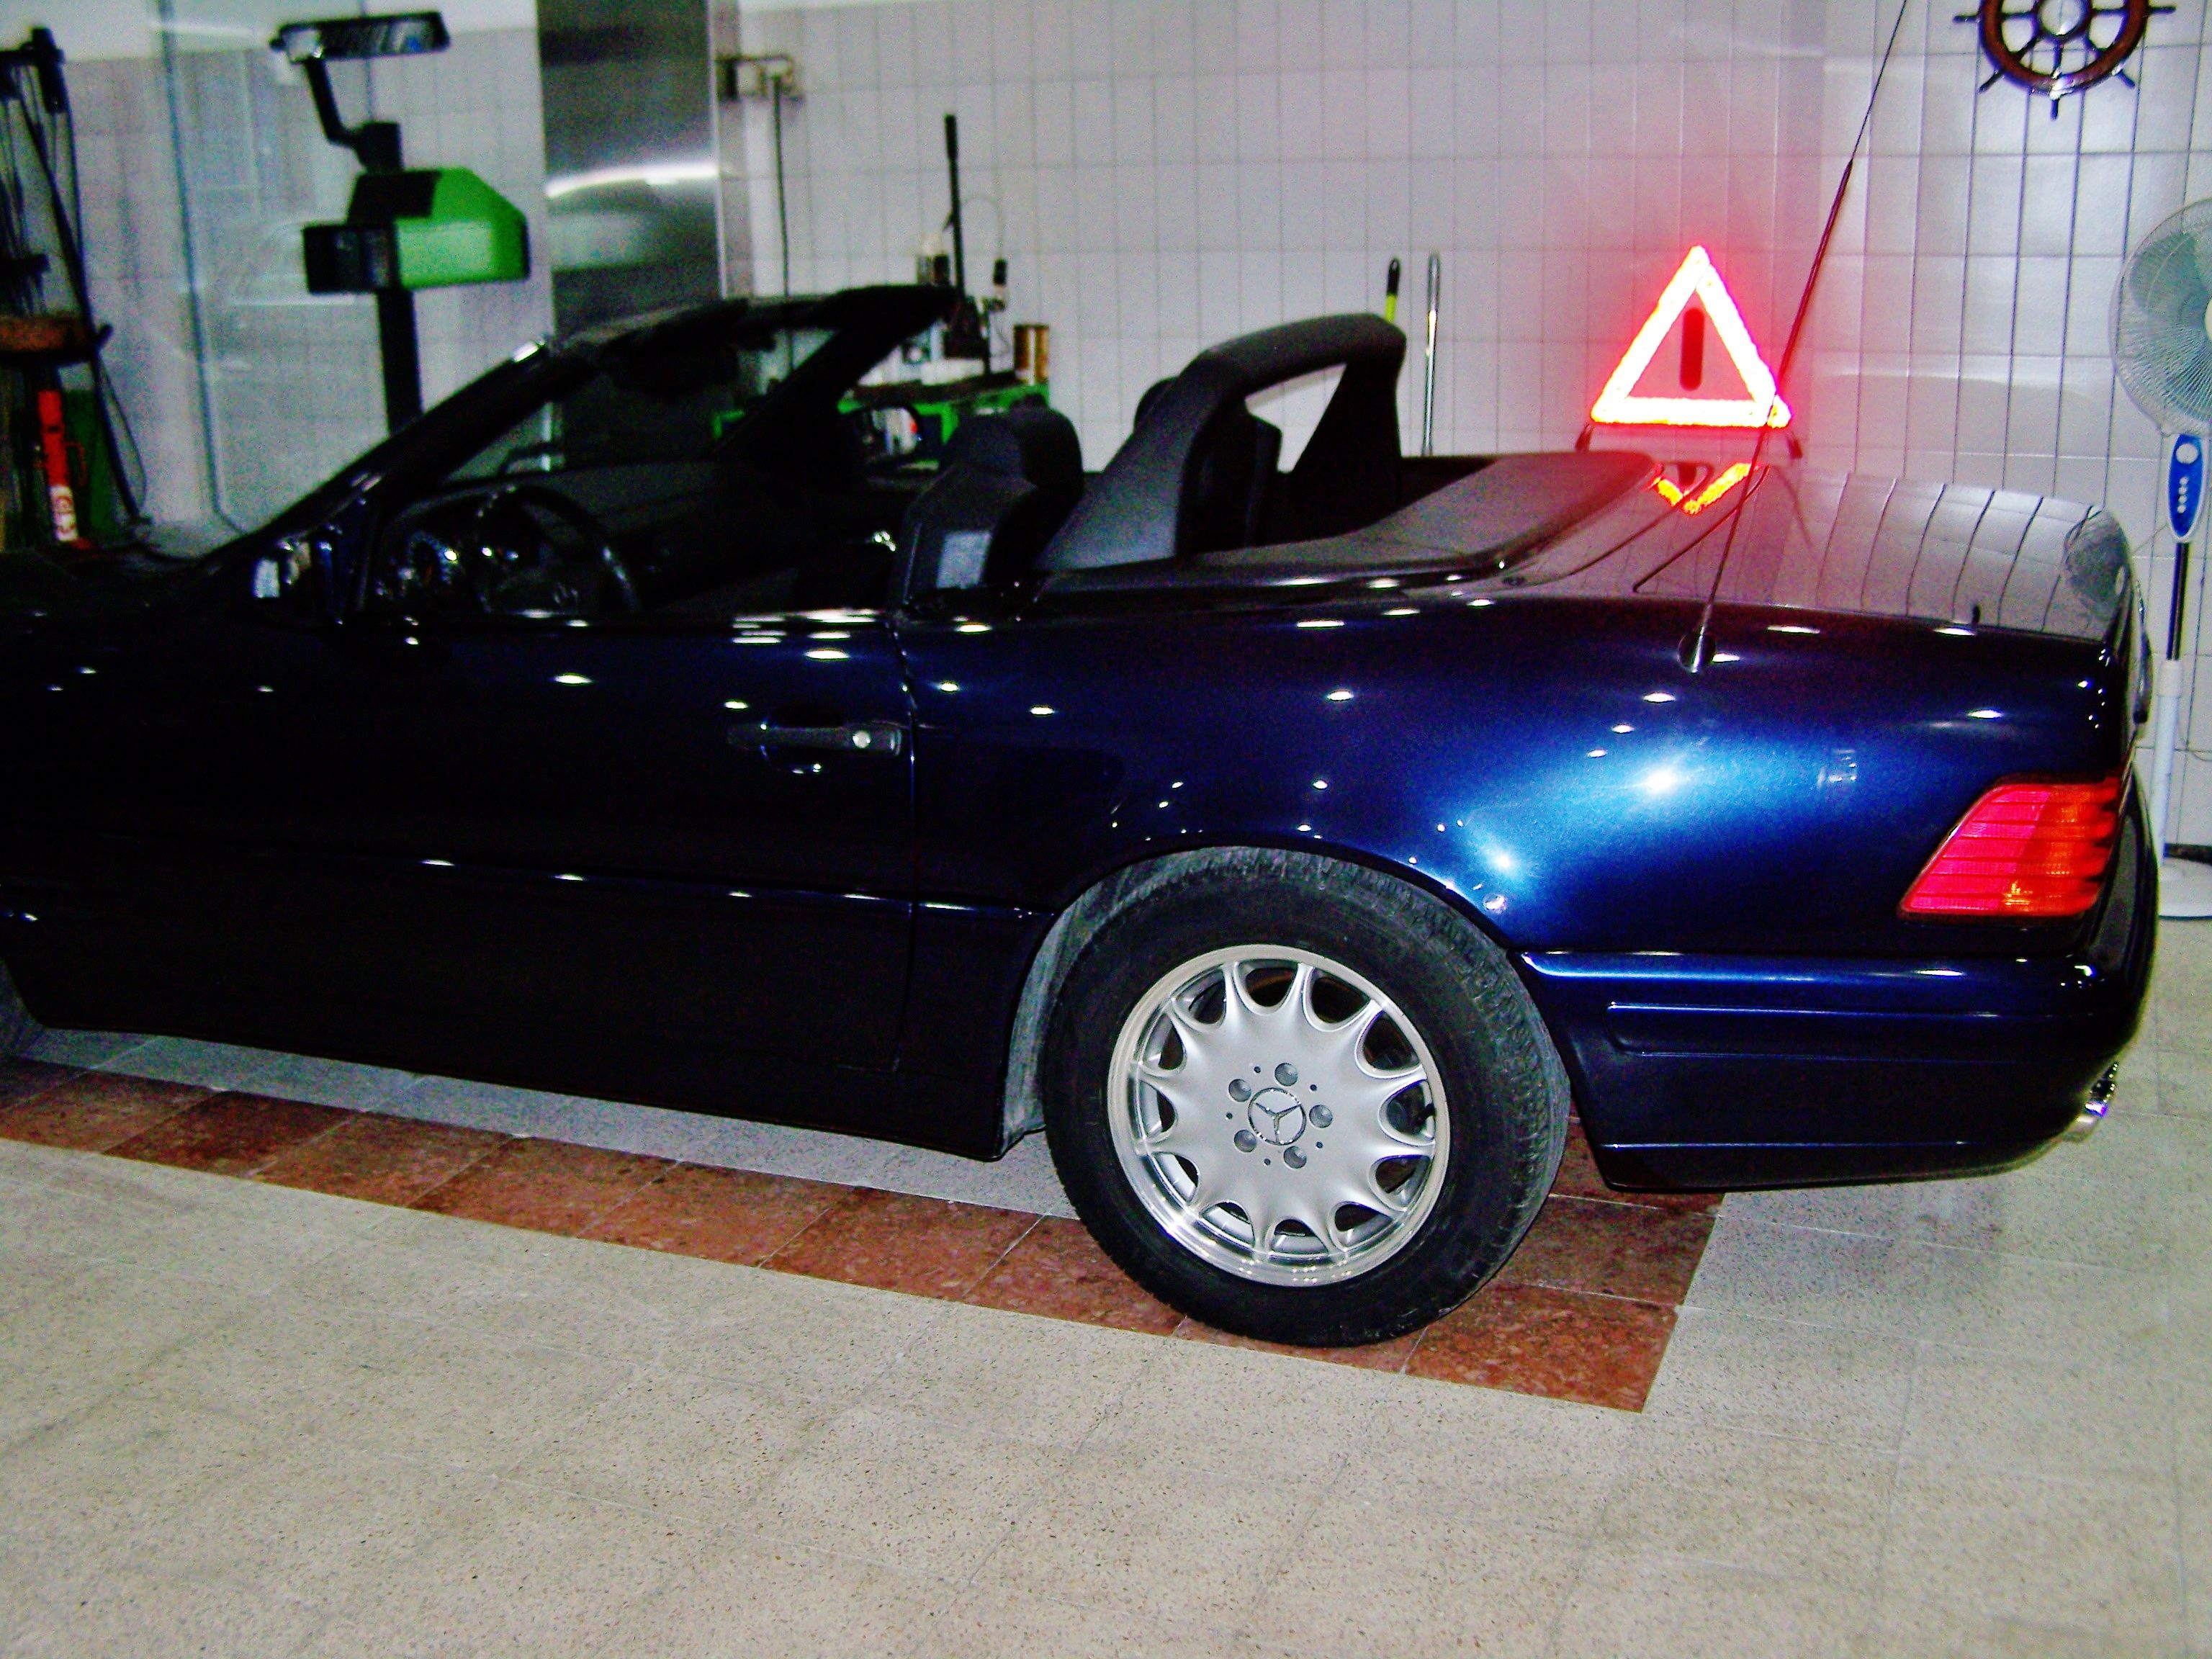 Mercedes benz 280sl car vehicl wrap mercedes benz merced pagoda - Mercedes Benz